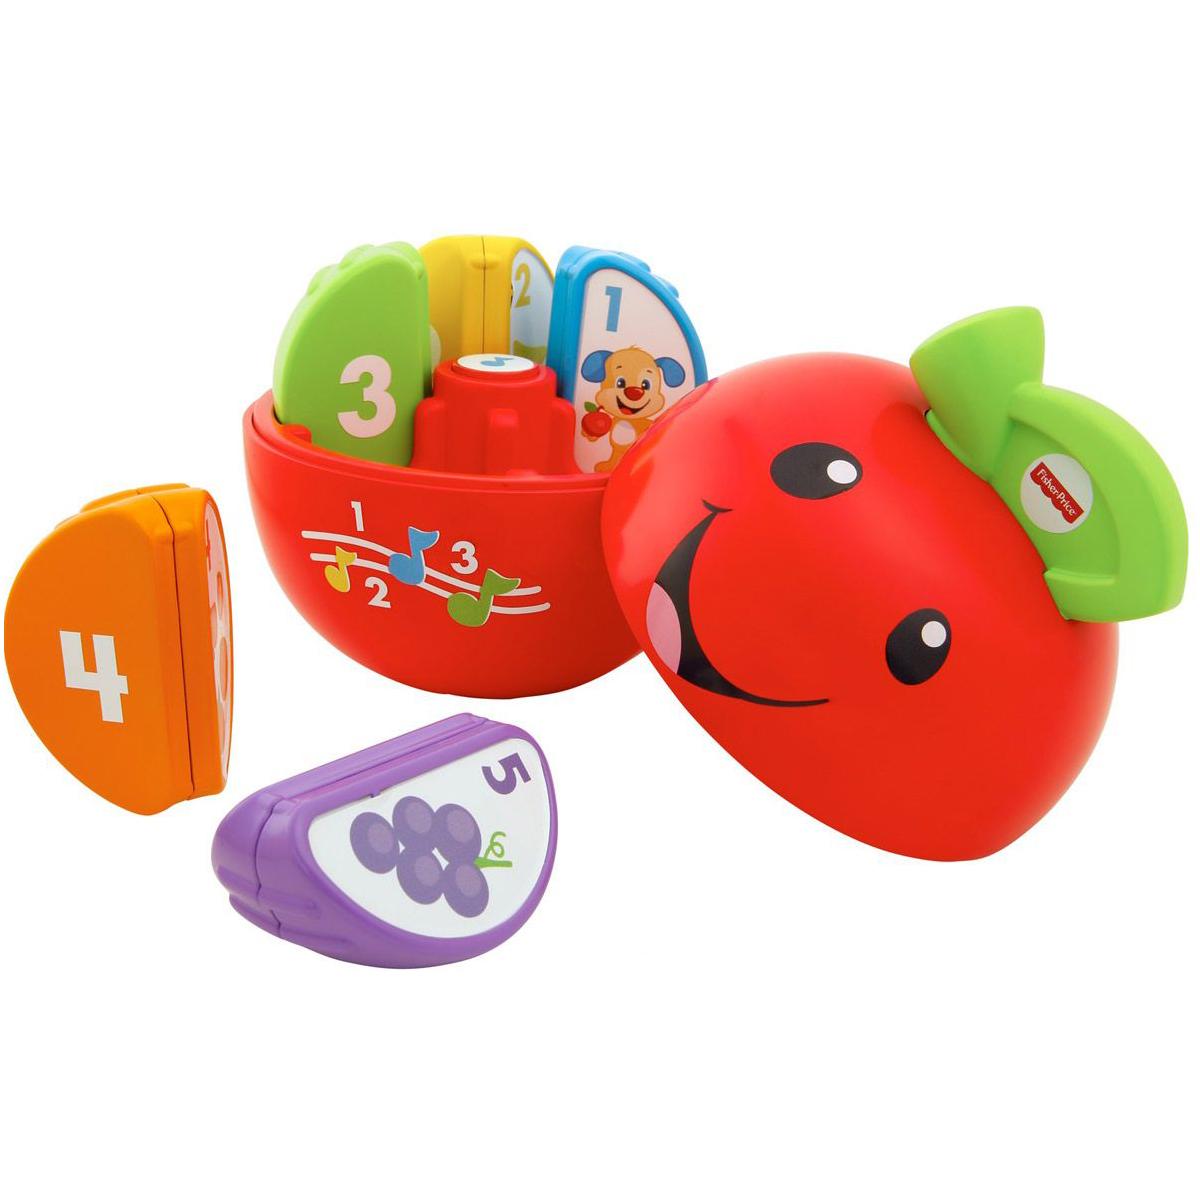 Обучающая игрушка – Яблочко из серии Смейся и учисьСортеры, пирамидки<br>Обучающая игрушка – Яблочко из серии Смейся и учись<br>